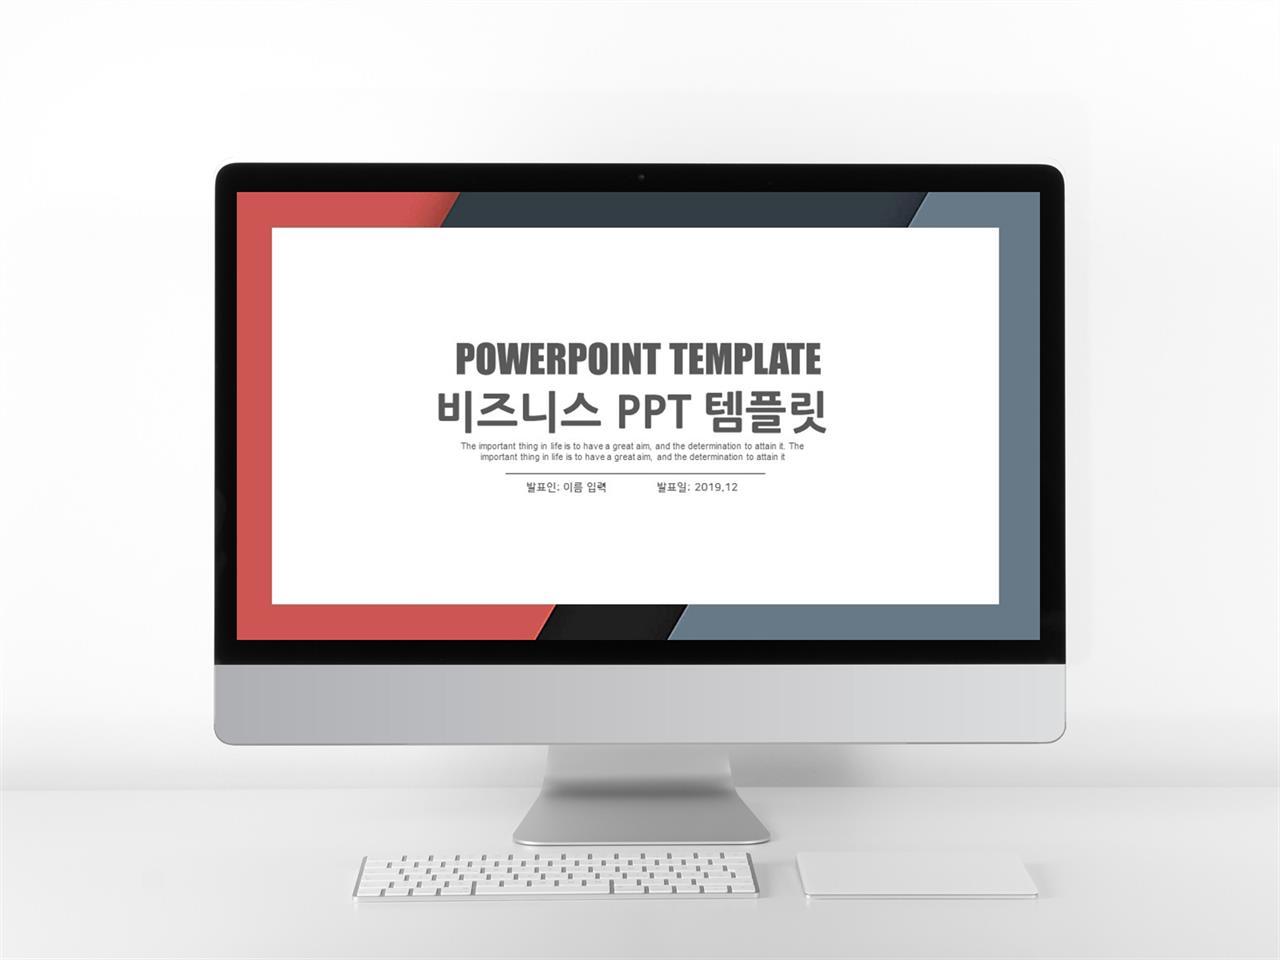 상업계획 적색 간단한 고급스럽운 파워포인트서식 사이트 미리보기